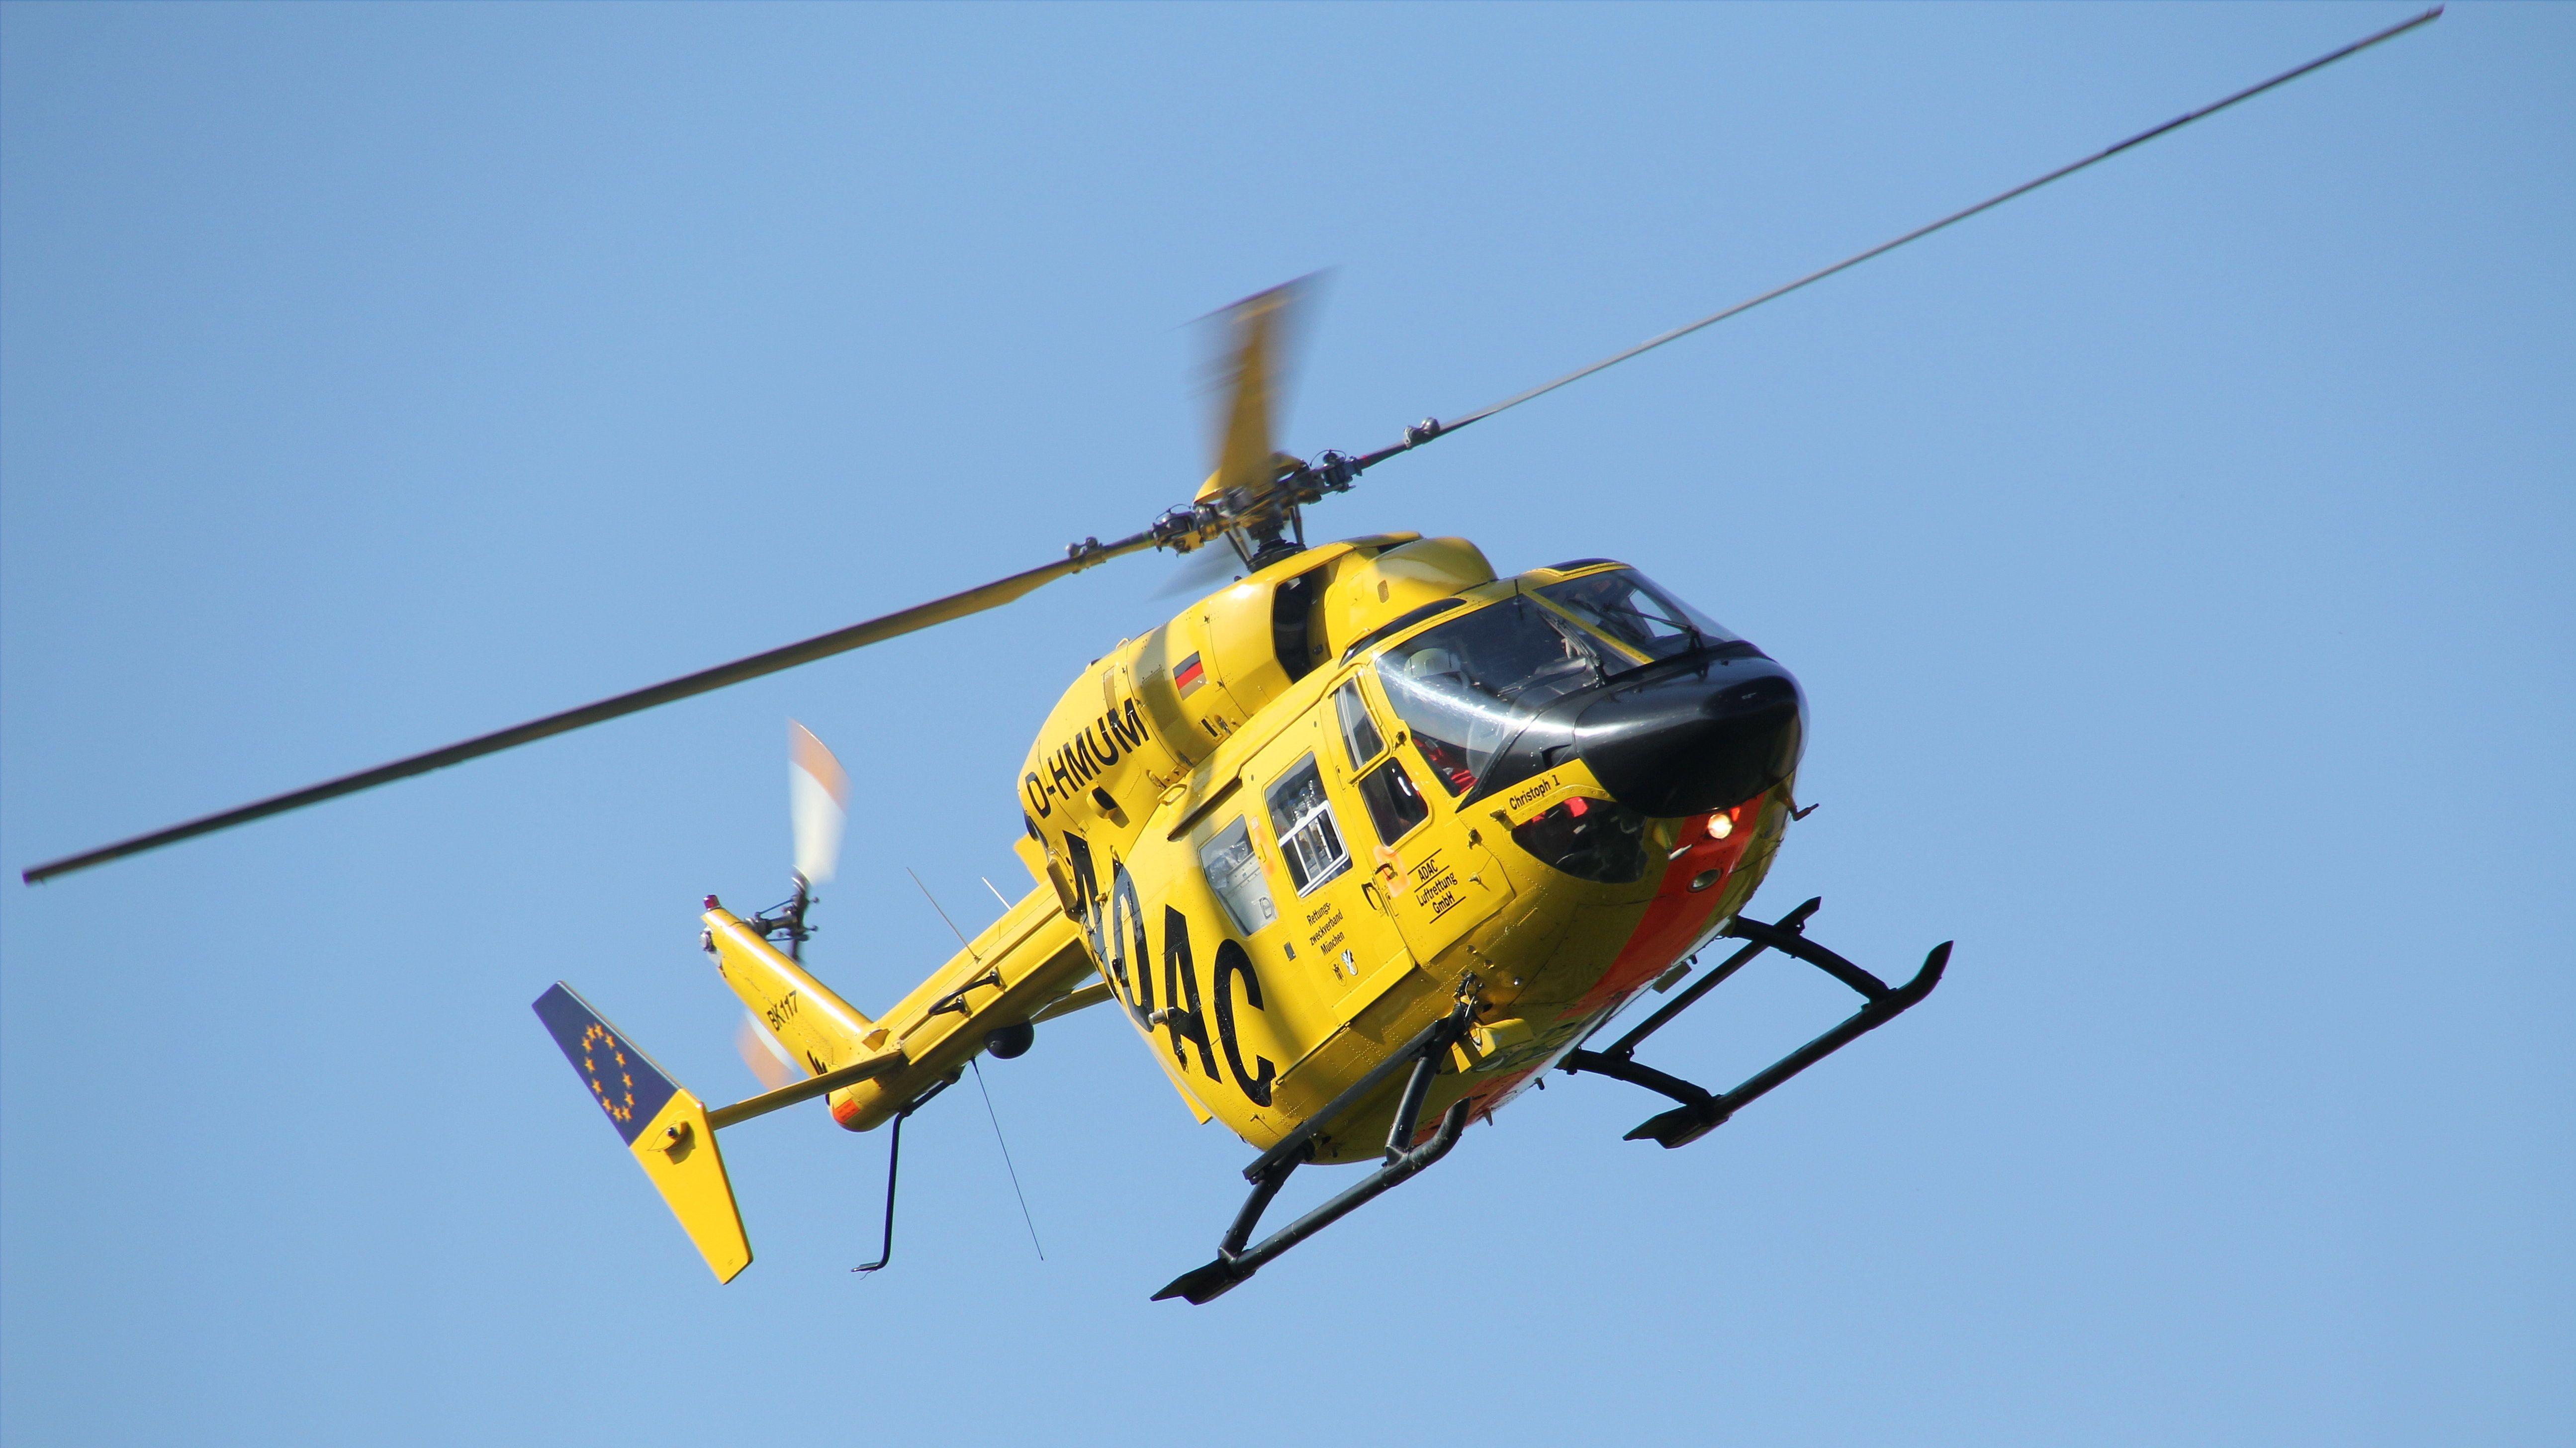 Ein ADAC Hubschrauber in der Luft.